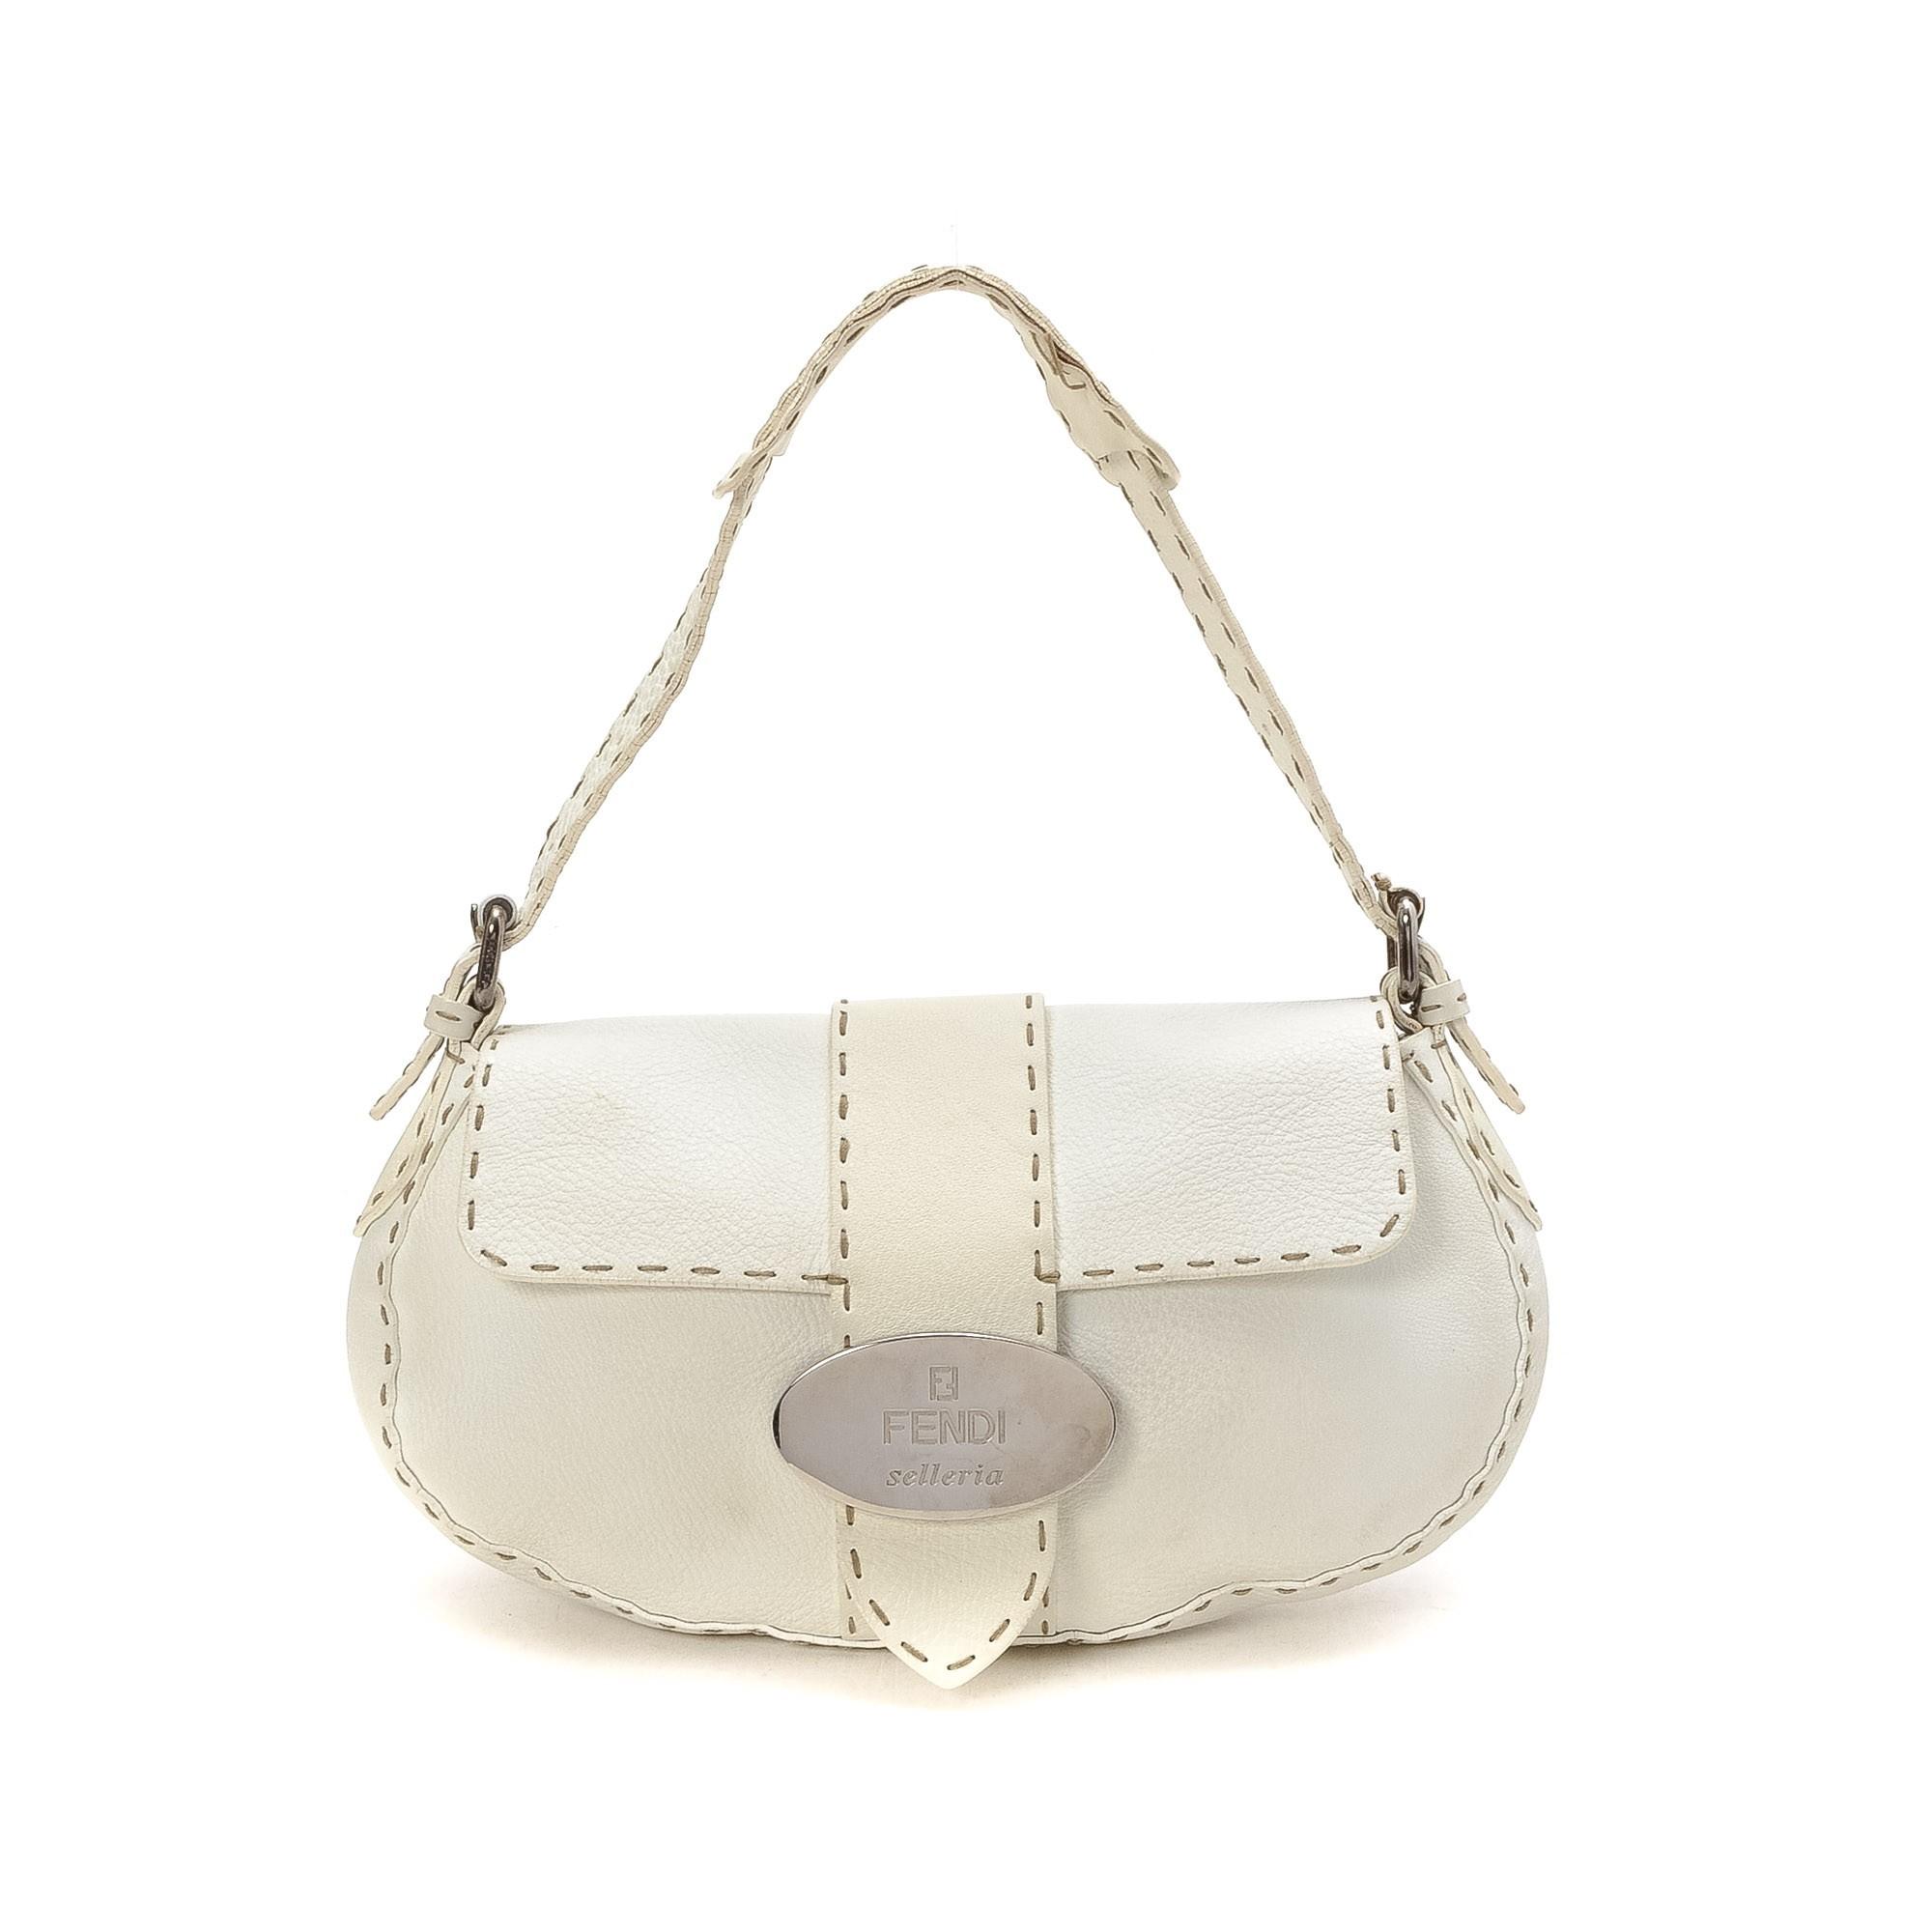 fendi designer bags z1t3  fendi shoulder bag